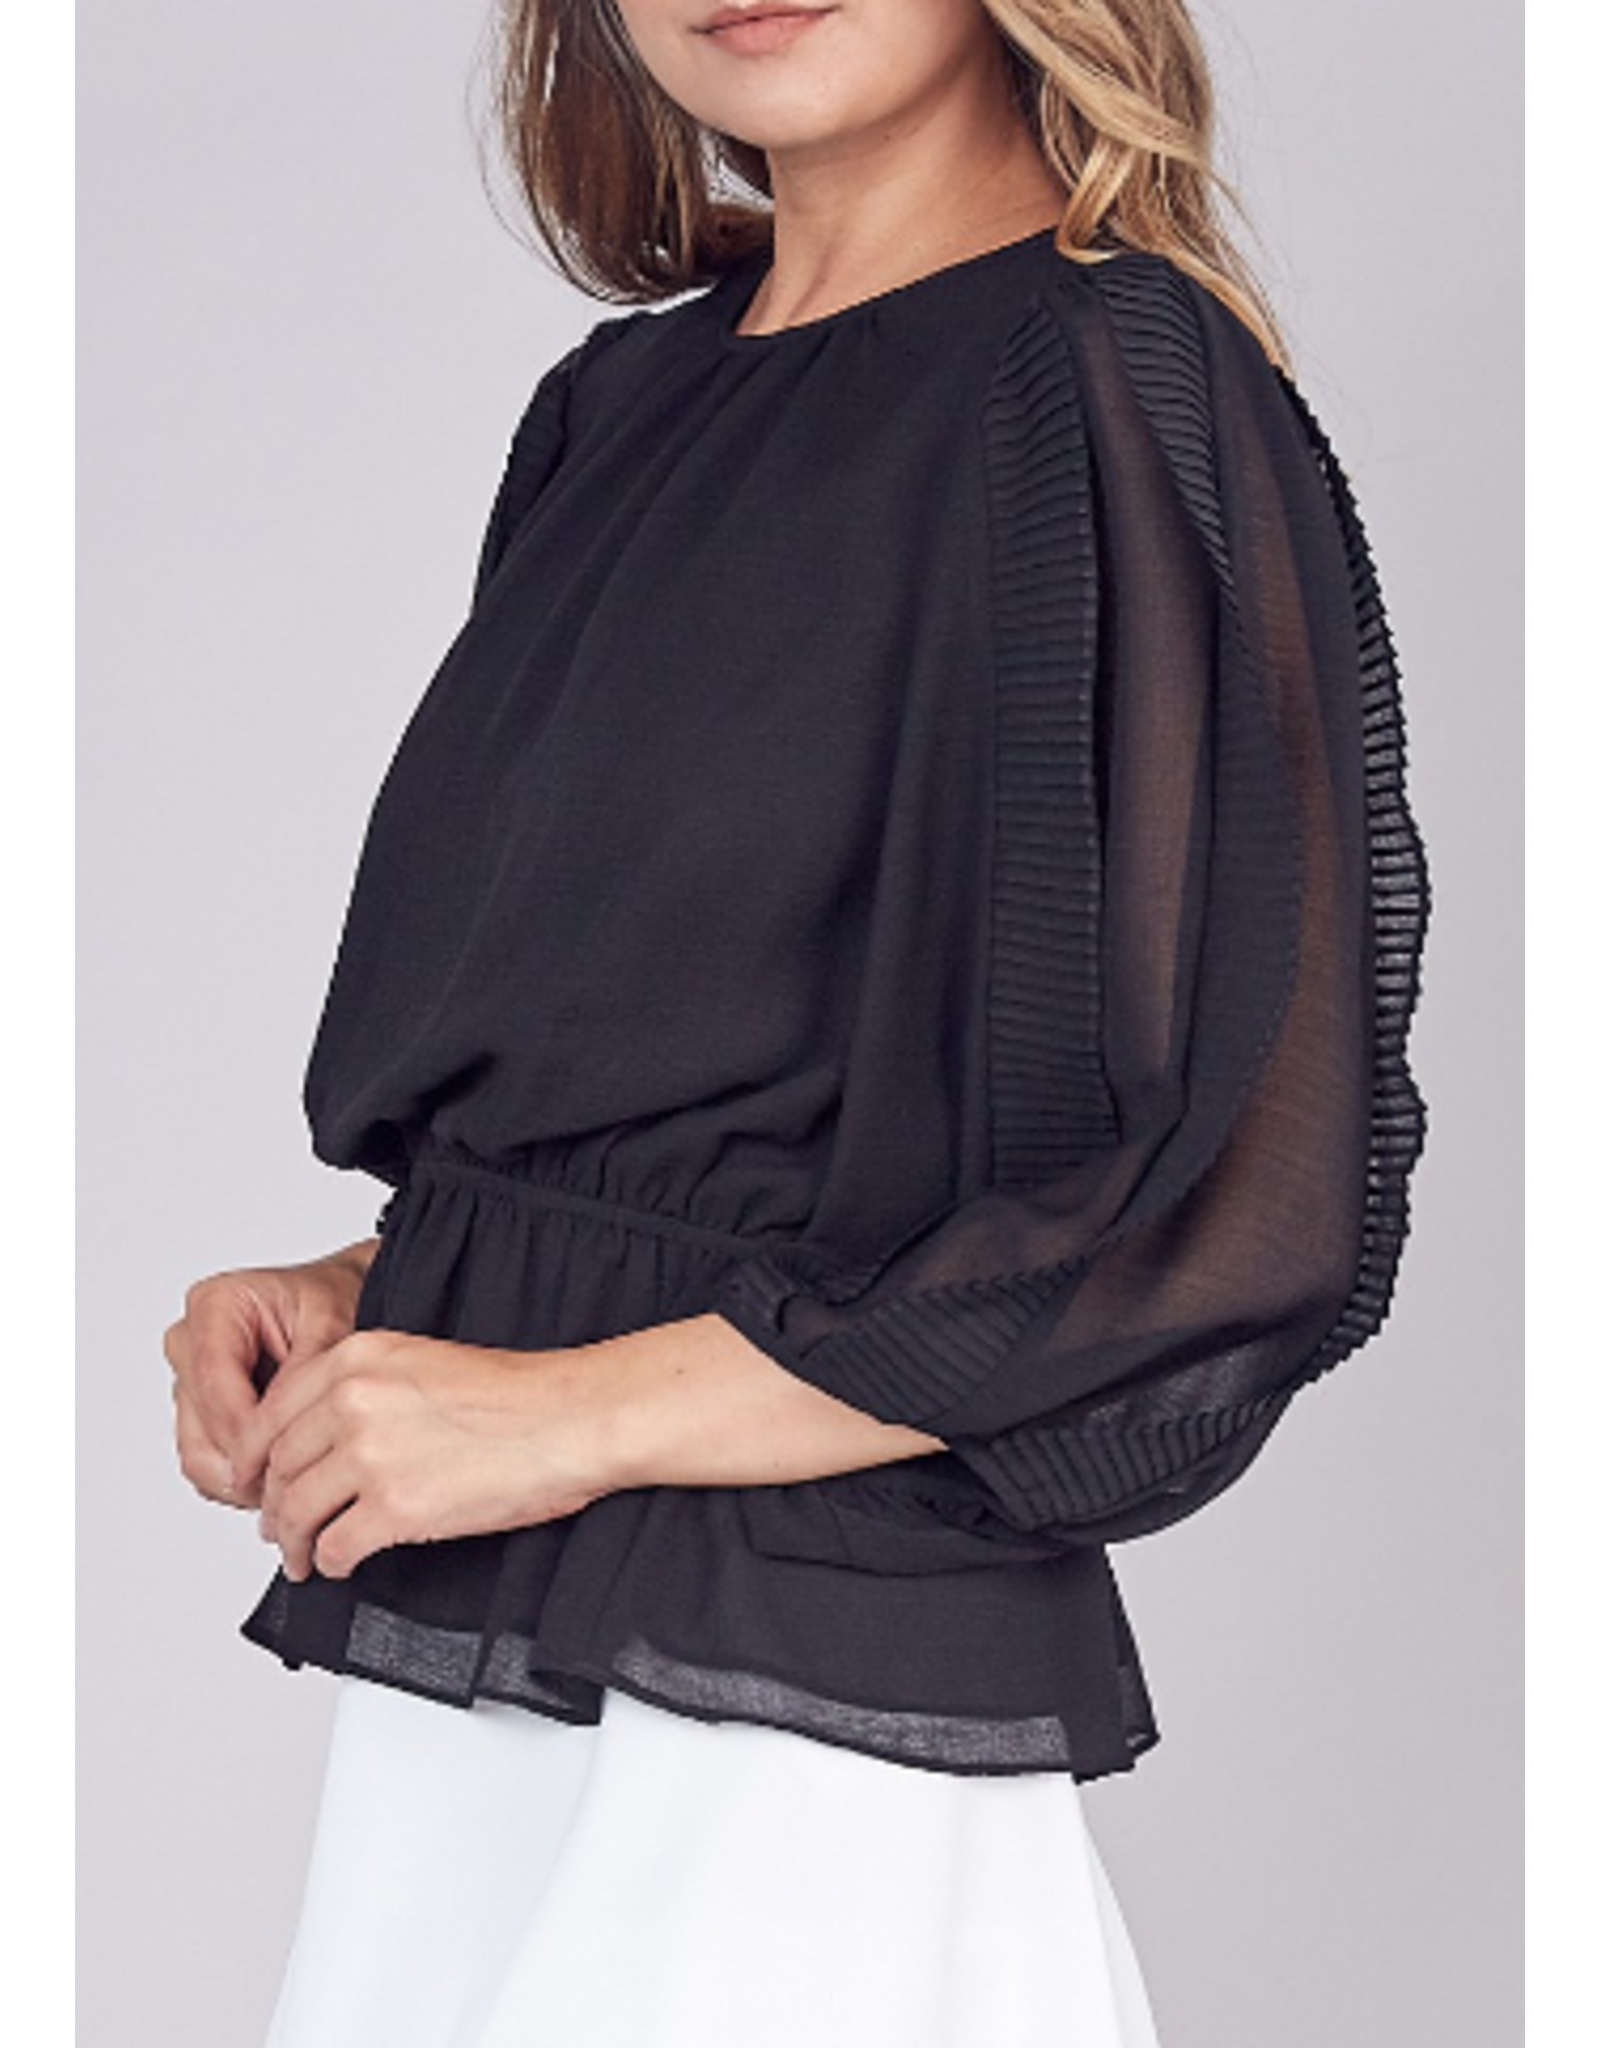 Pleated Sleeves Top - Black